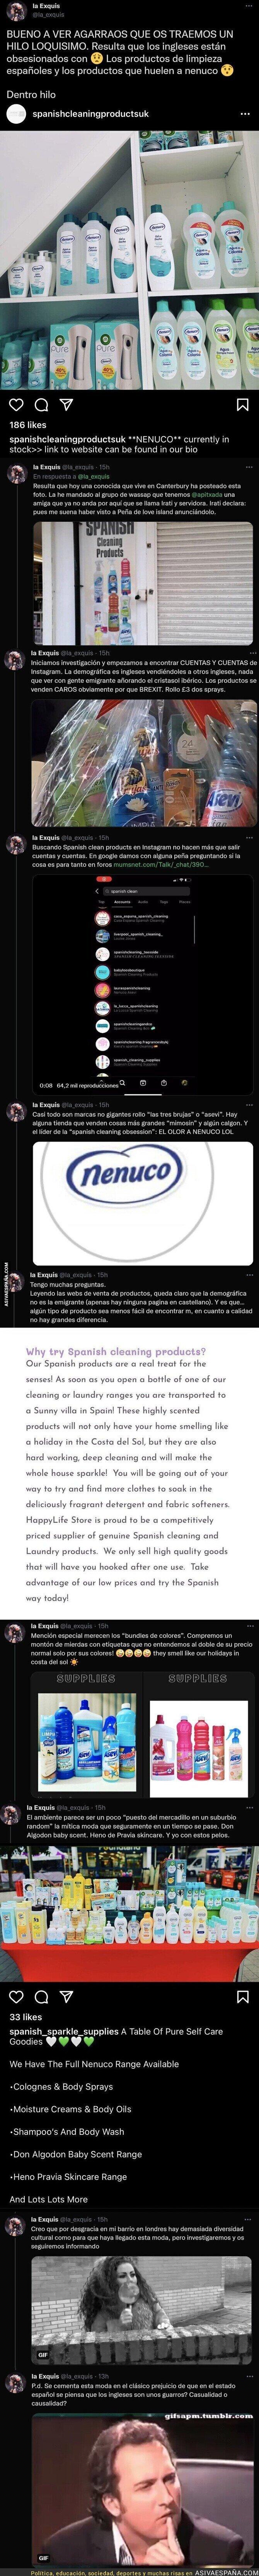 946674 - Los ingleses están obsesionados con Nenuco y los olores de productos de limpieza españoles y esta es la prueba